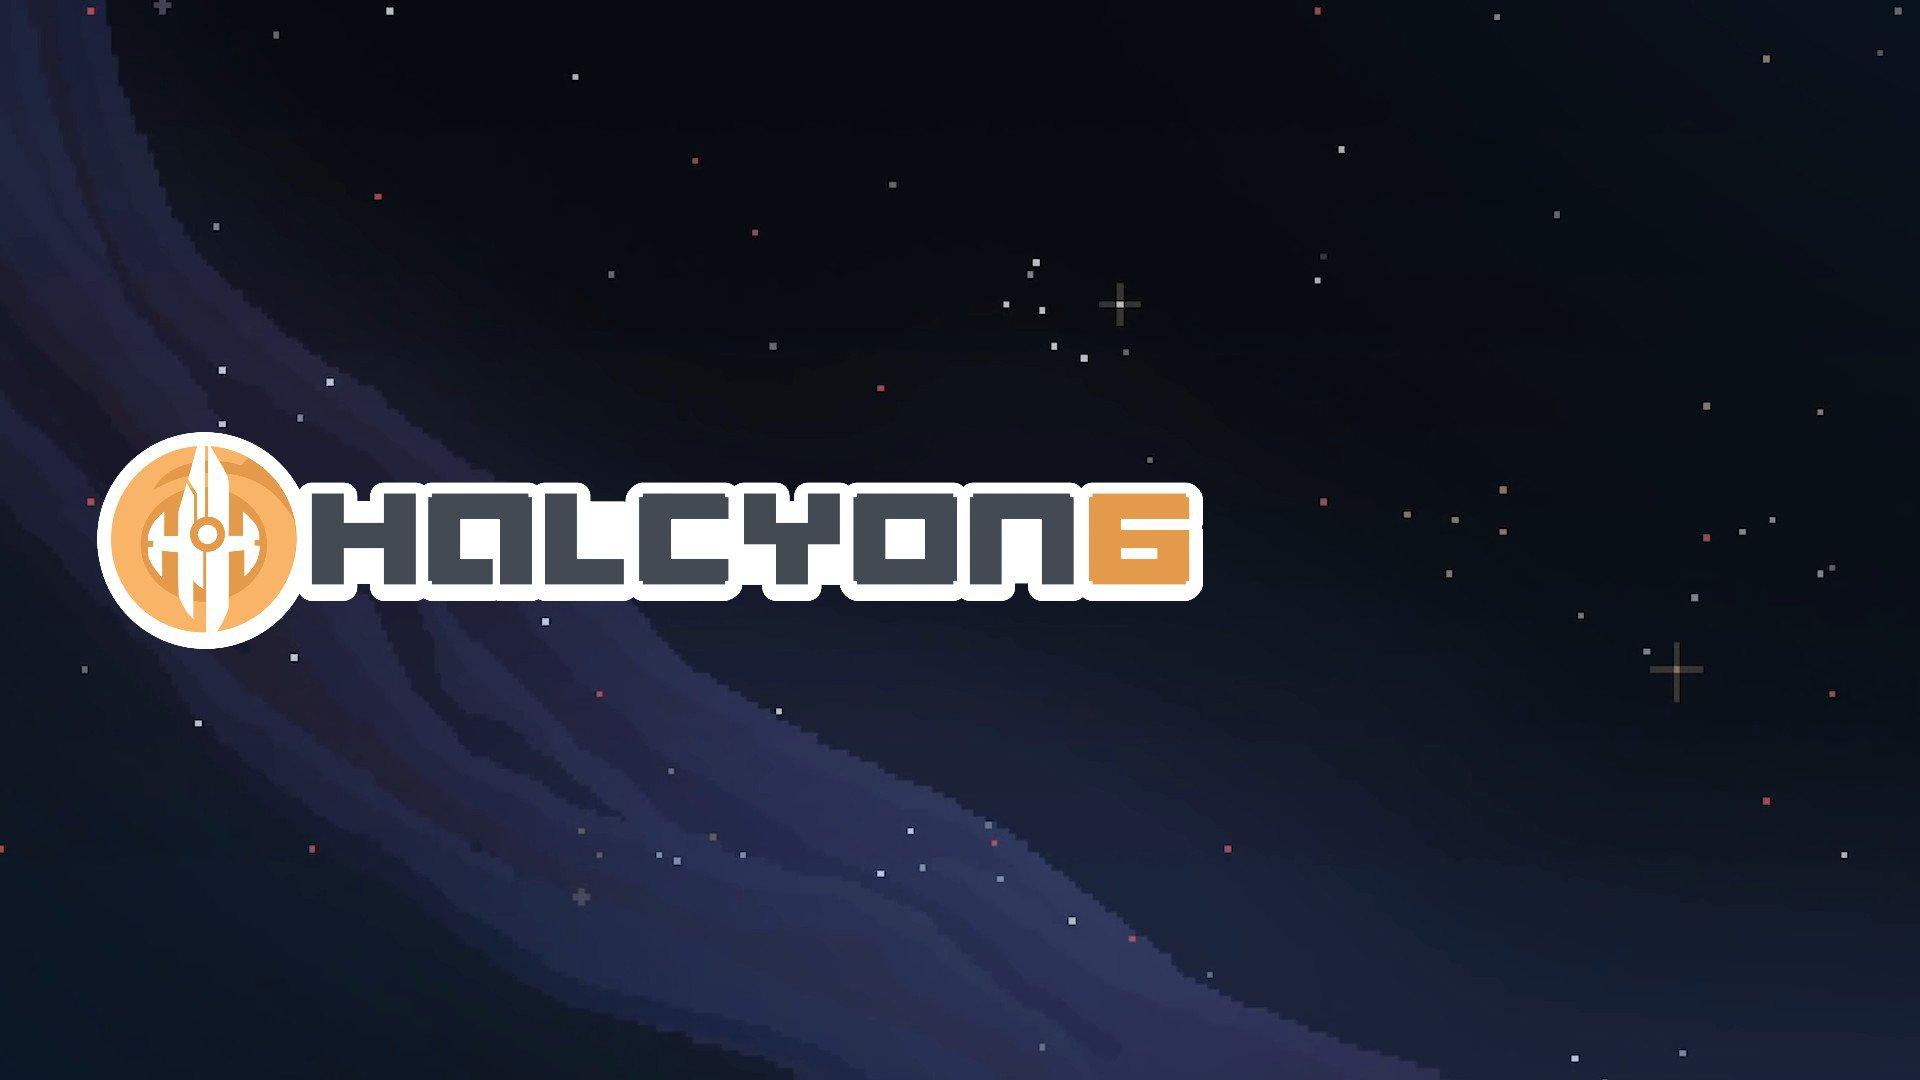 Halcyon 6 logo